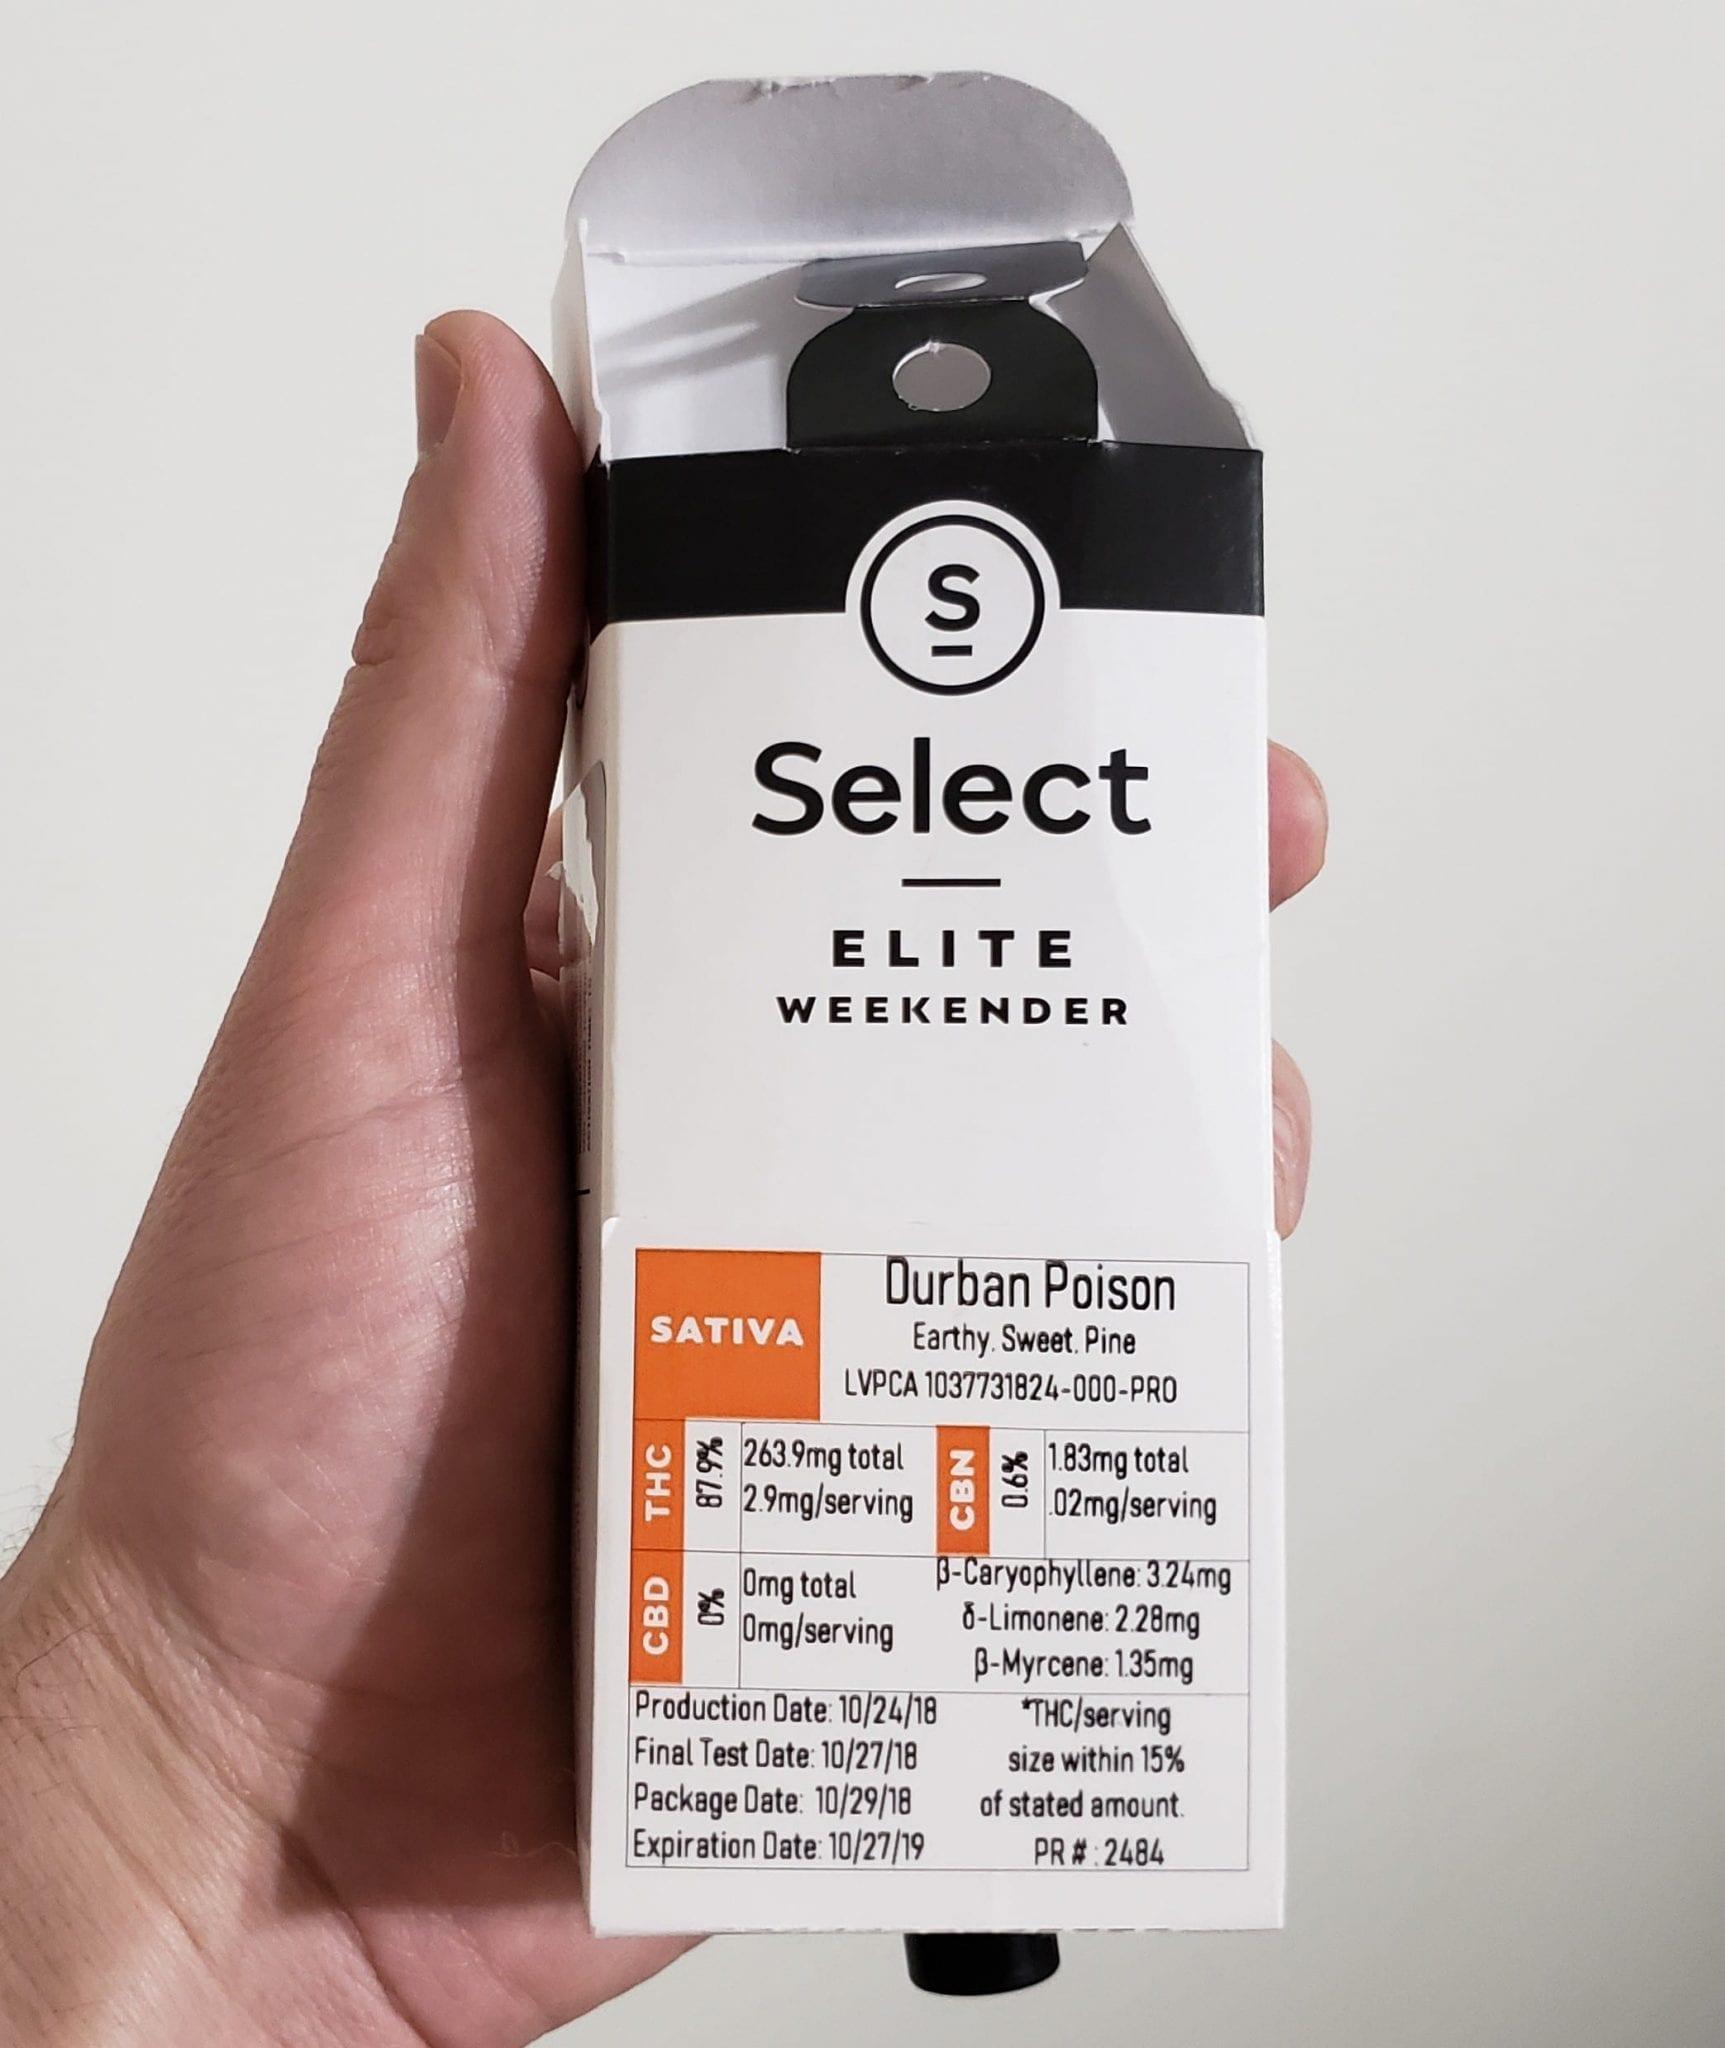 select elite weekender review